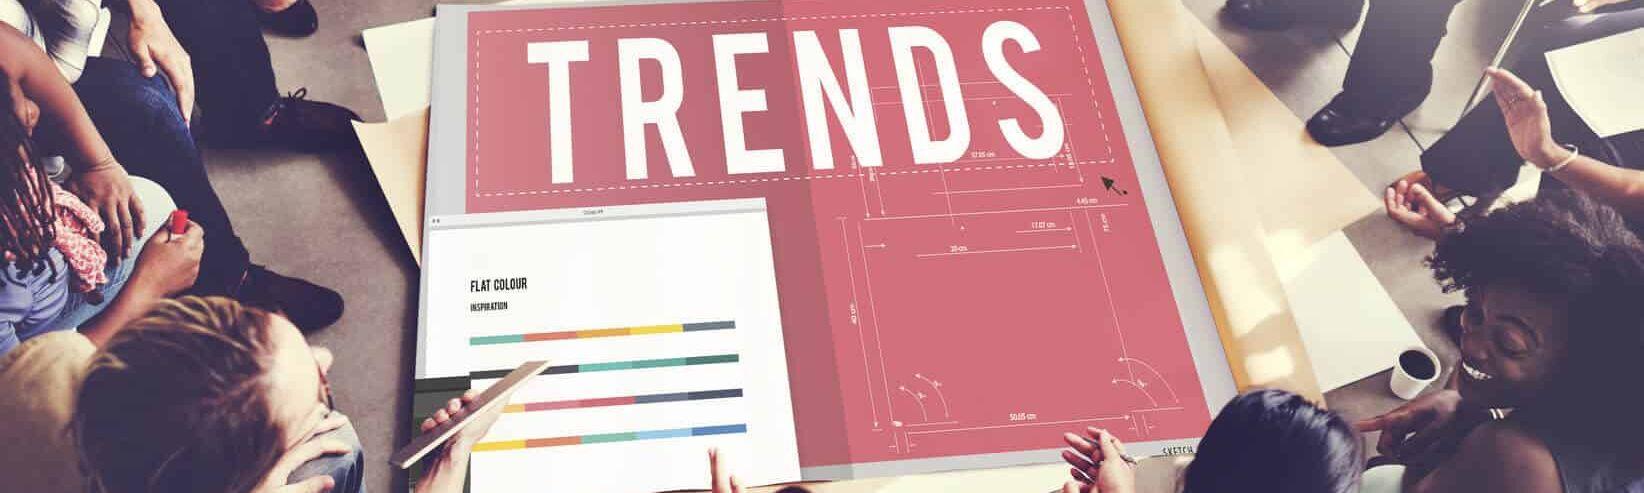 Trends im digitalen Marketing